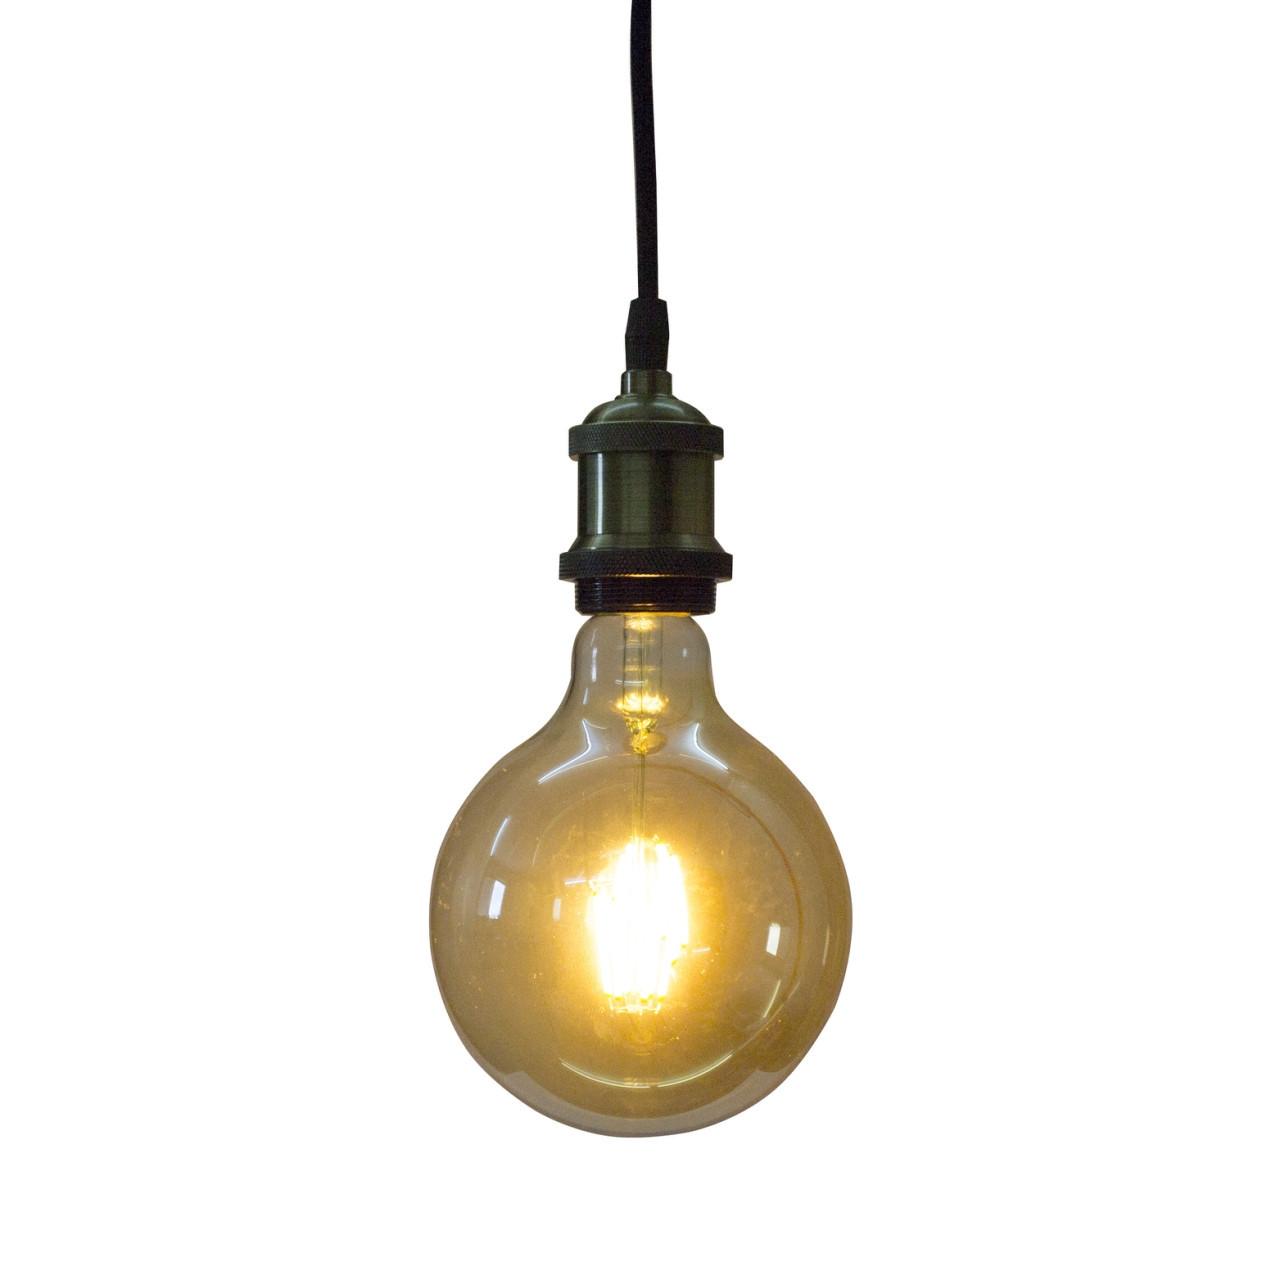 Светодиодная винтажная лампа Filament 6w E27 Rustic Globe-6 Horoz Electric